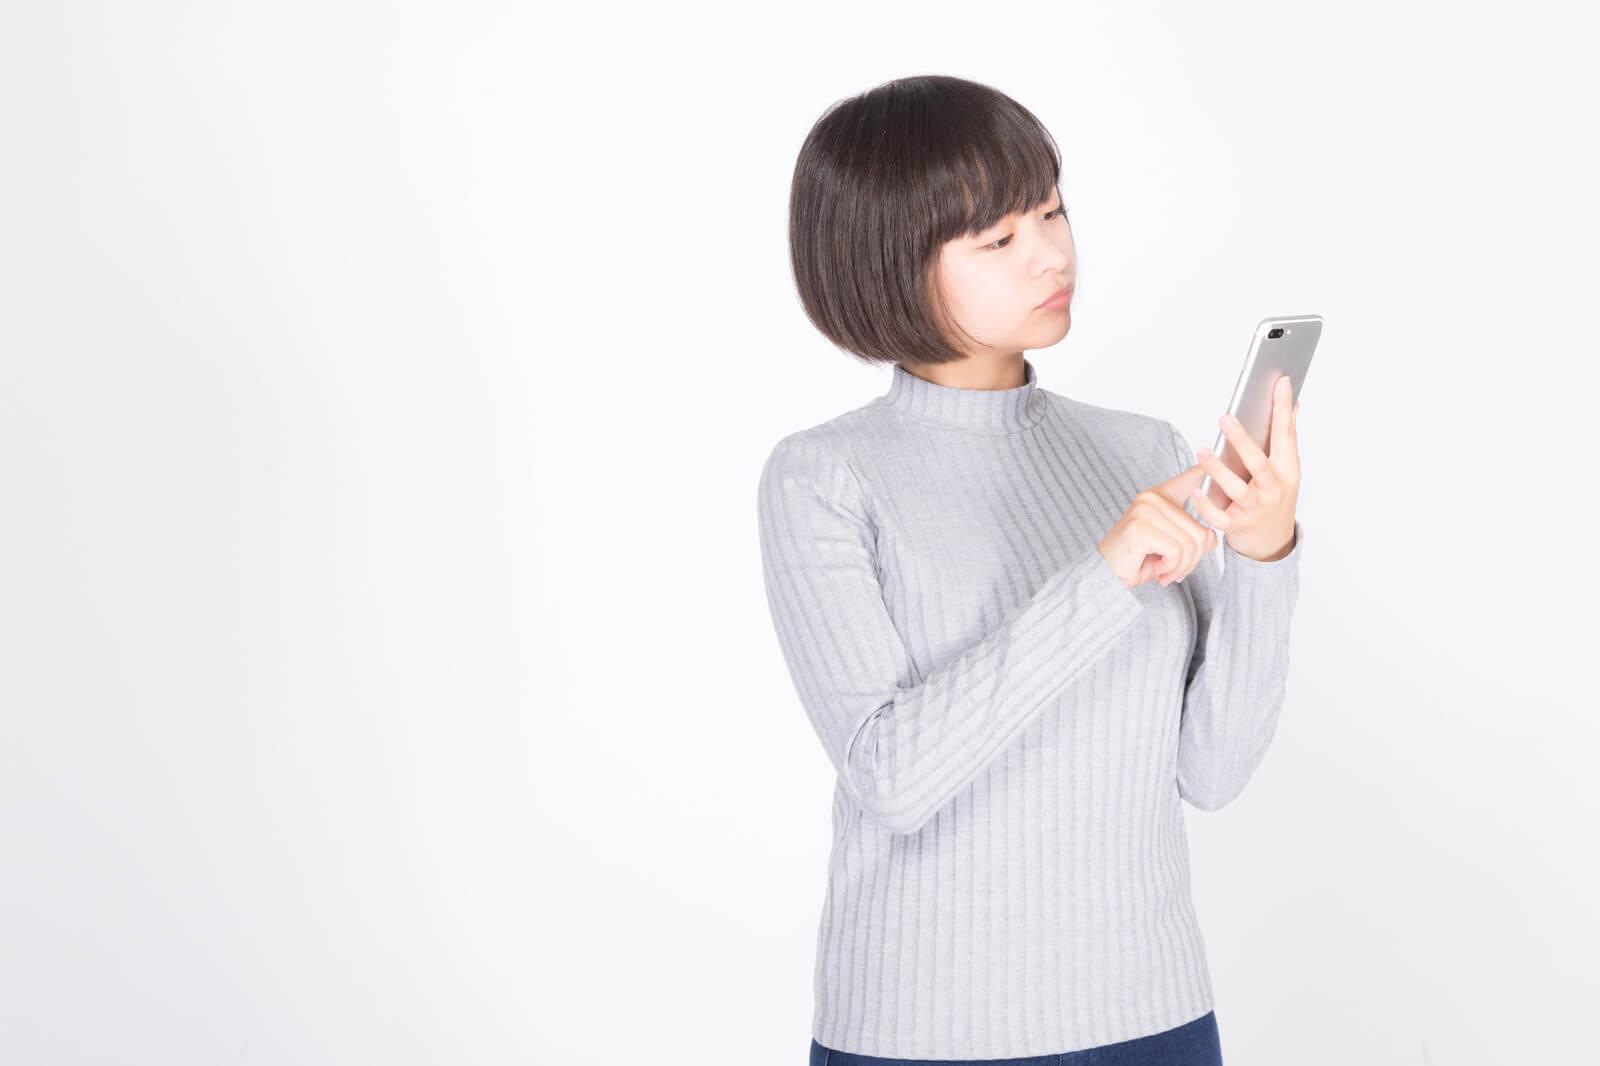 エックスモバイルのかけたい放題アプリをダウンロードしている女性